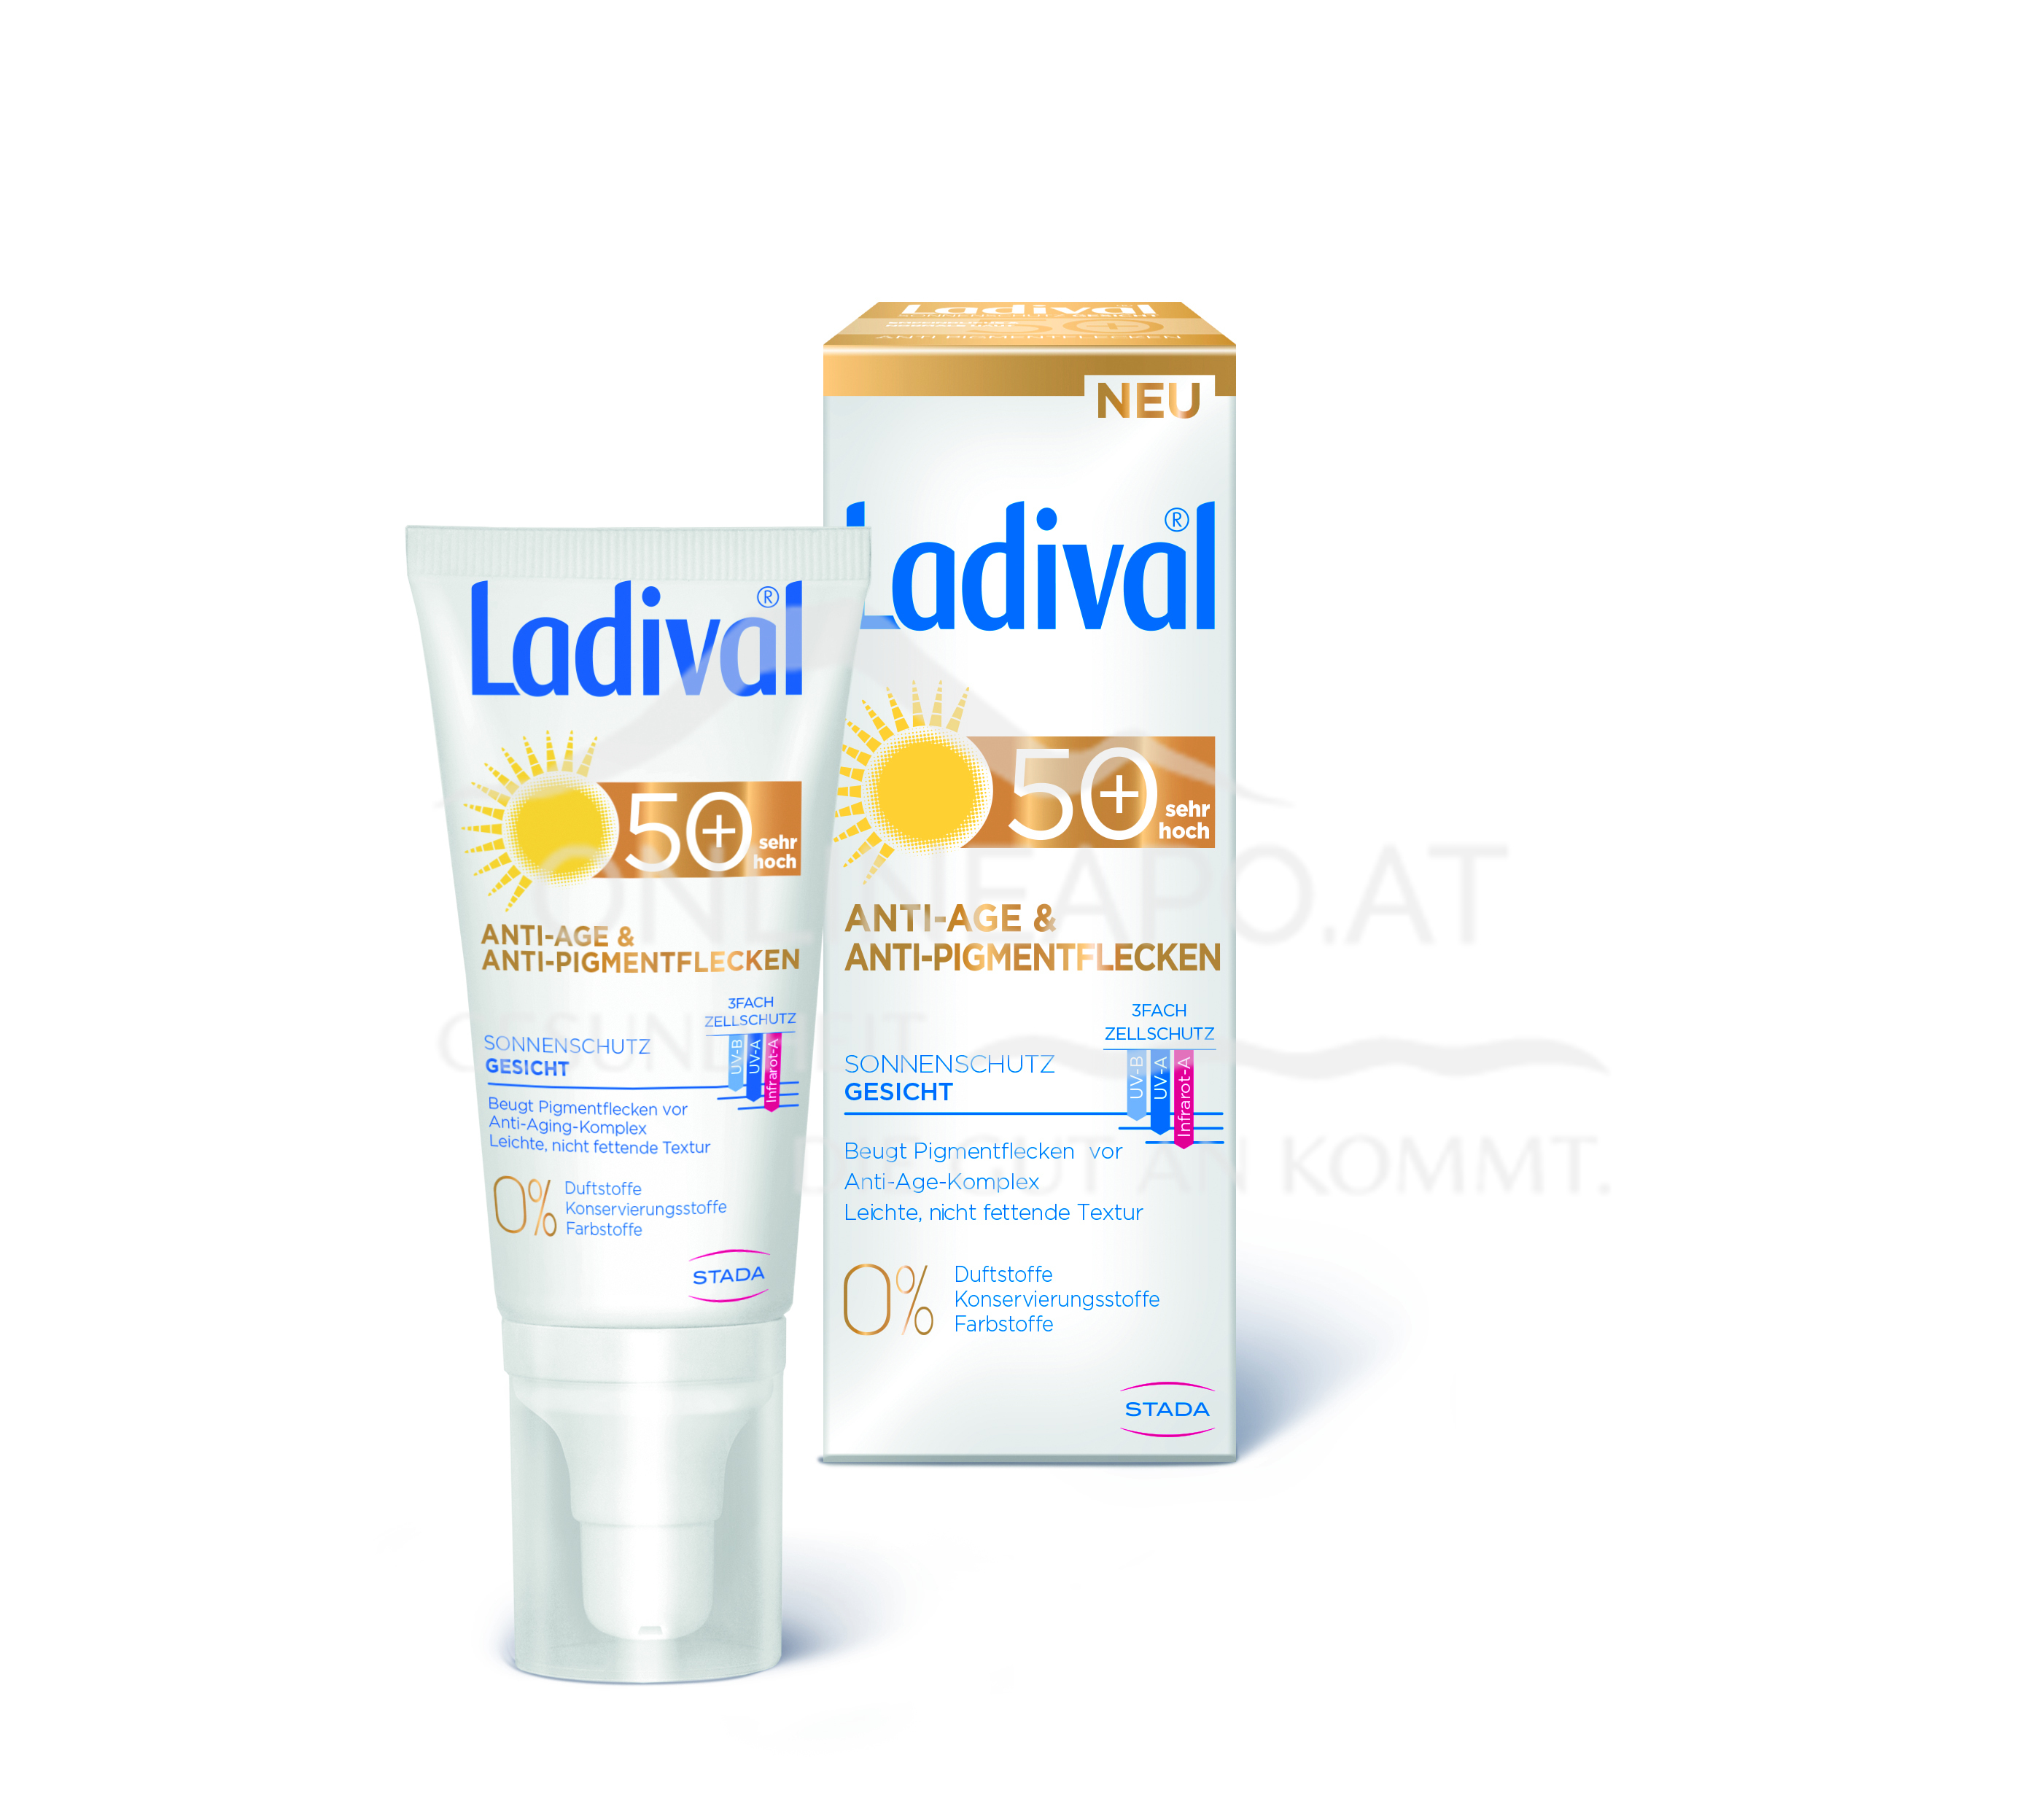 Ladival® Anti-Age & Anti-Pigmentflecken Sonnenschutz Gesicht LSF 50+